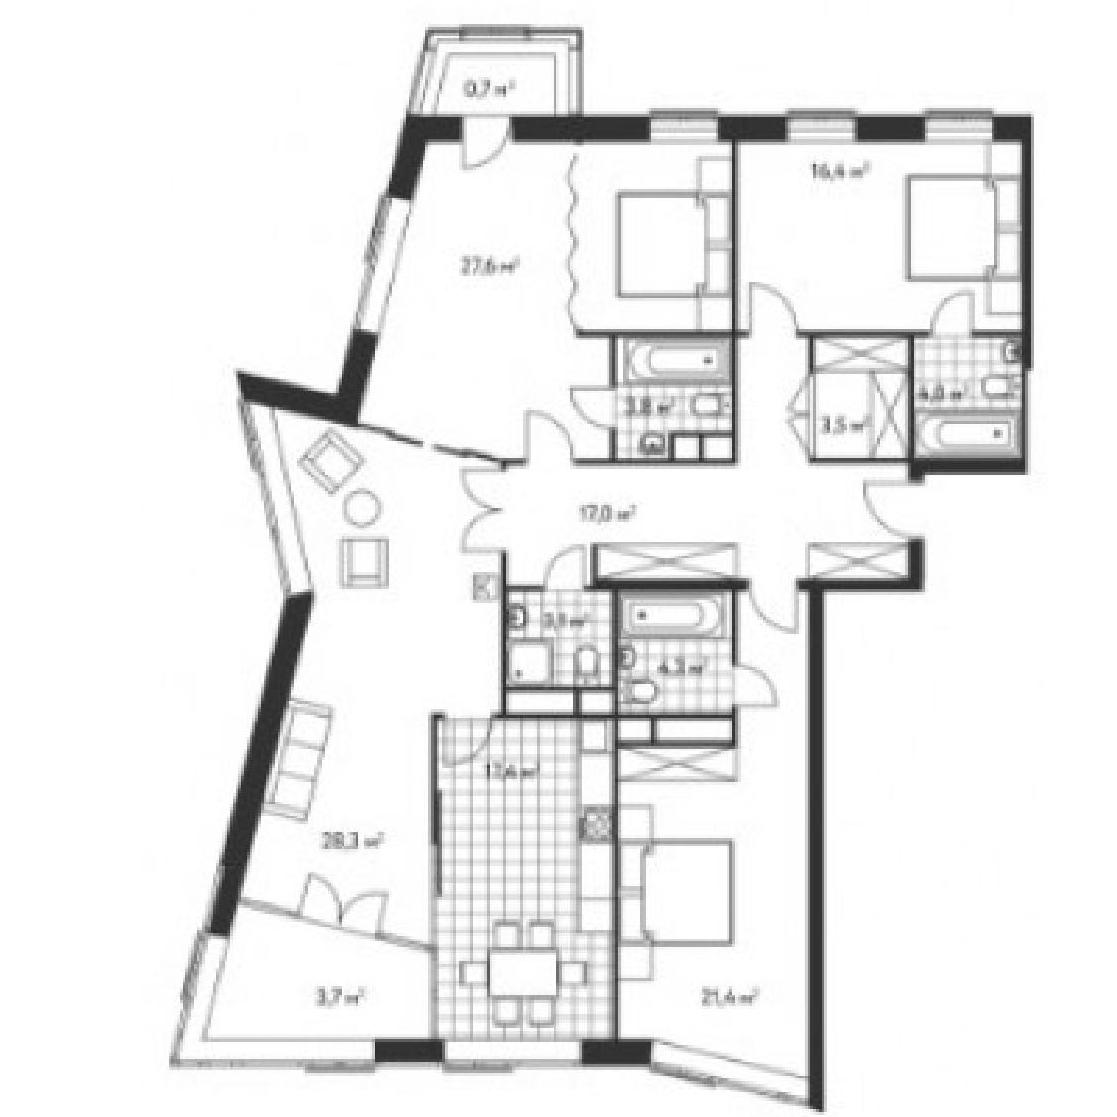 Топ-10 неудачных планировок квартир в новостройках - фото 10